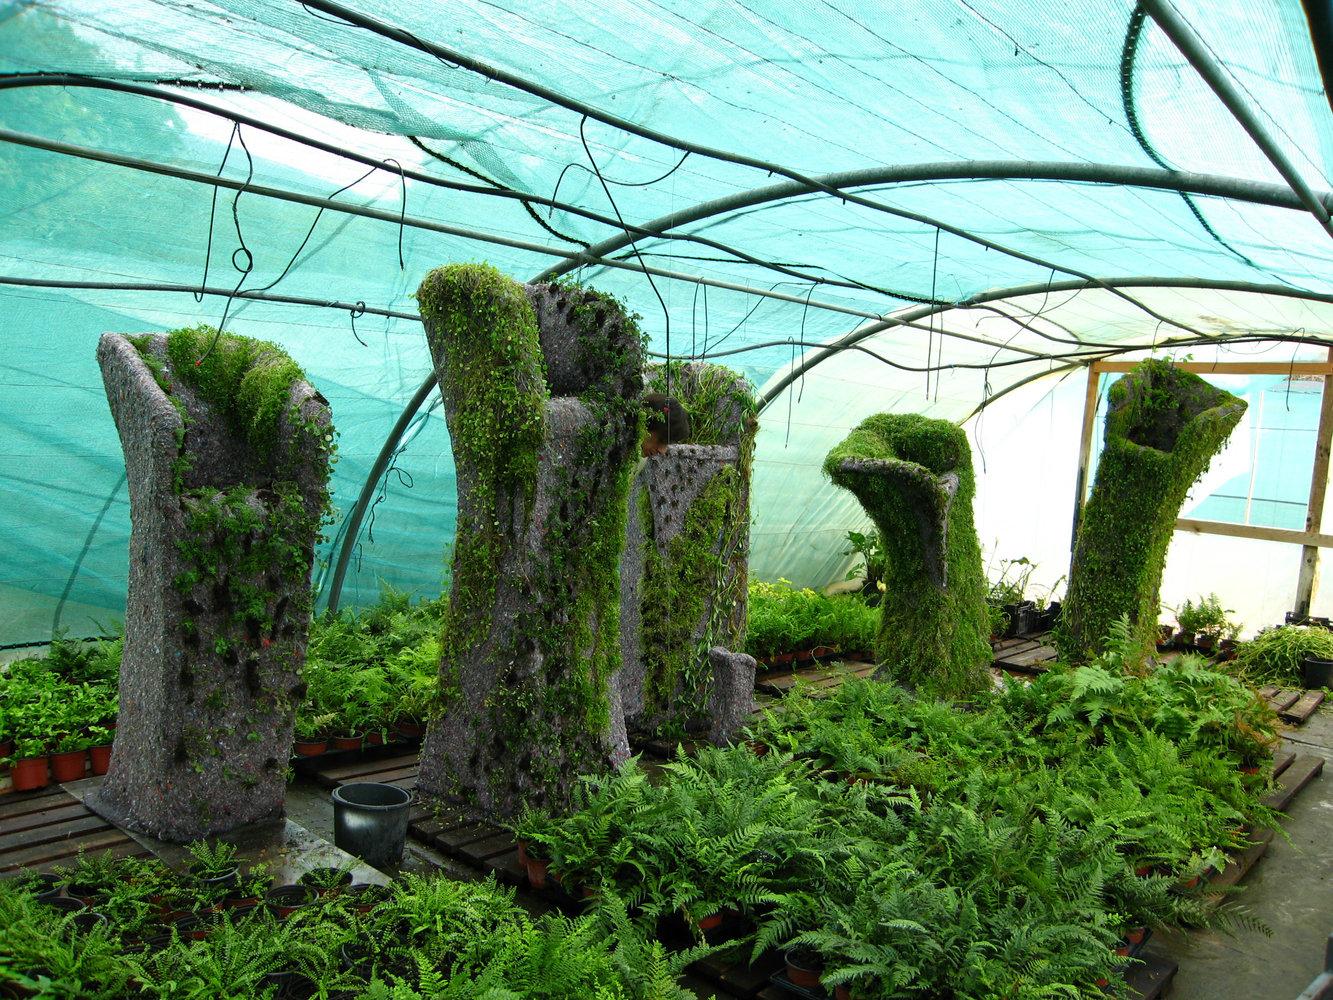 Вертикальные сады Патрика Бланка / Patrick Blanc Вертикальные сады технология Сады мира Здания с вертикальным озеленением Вертик